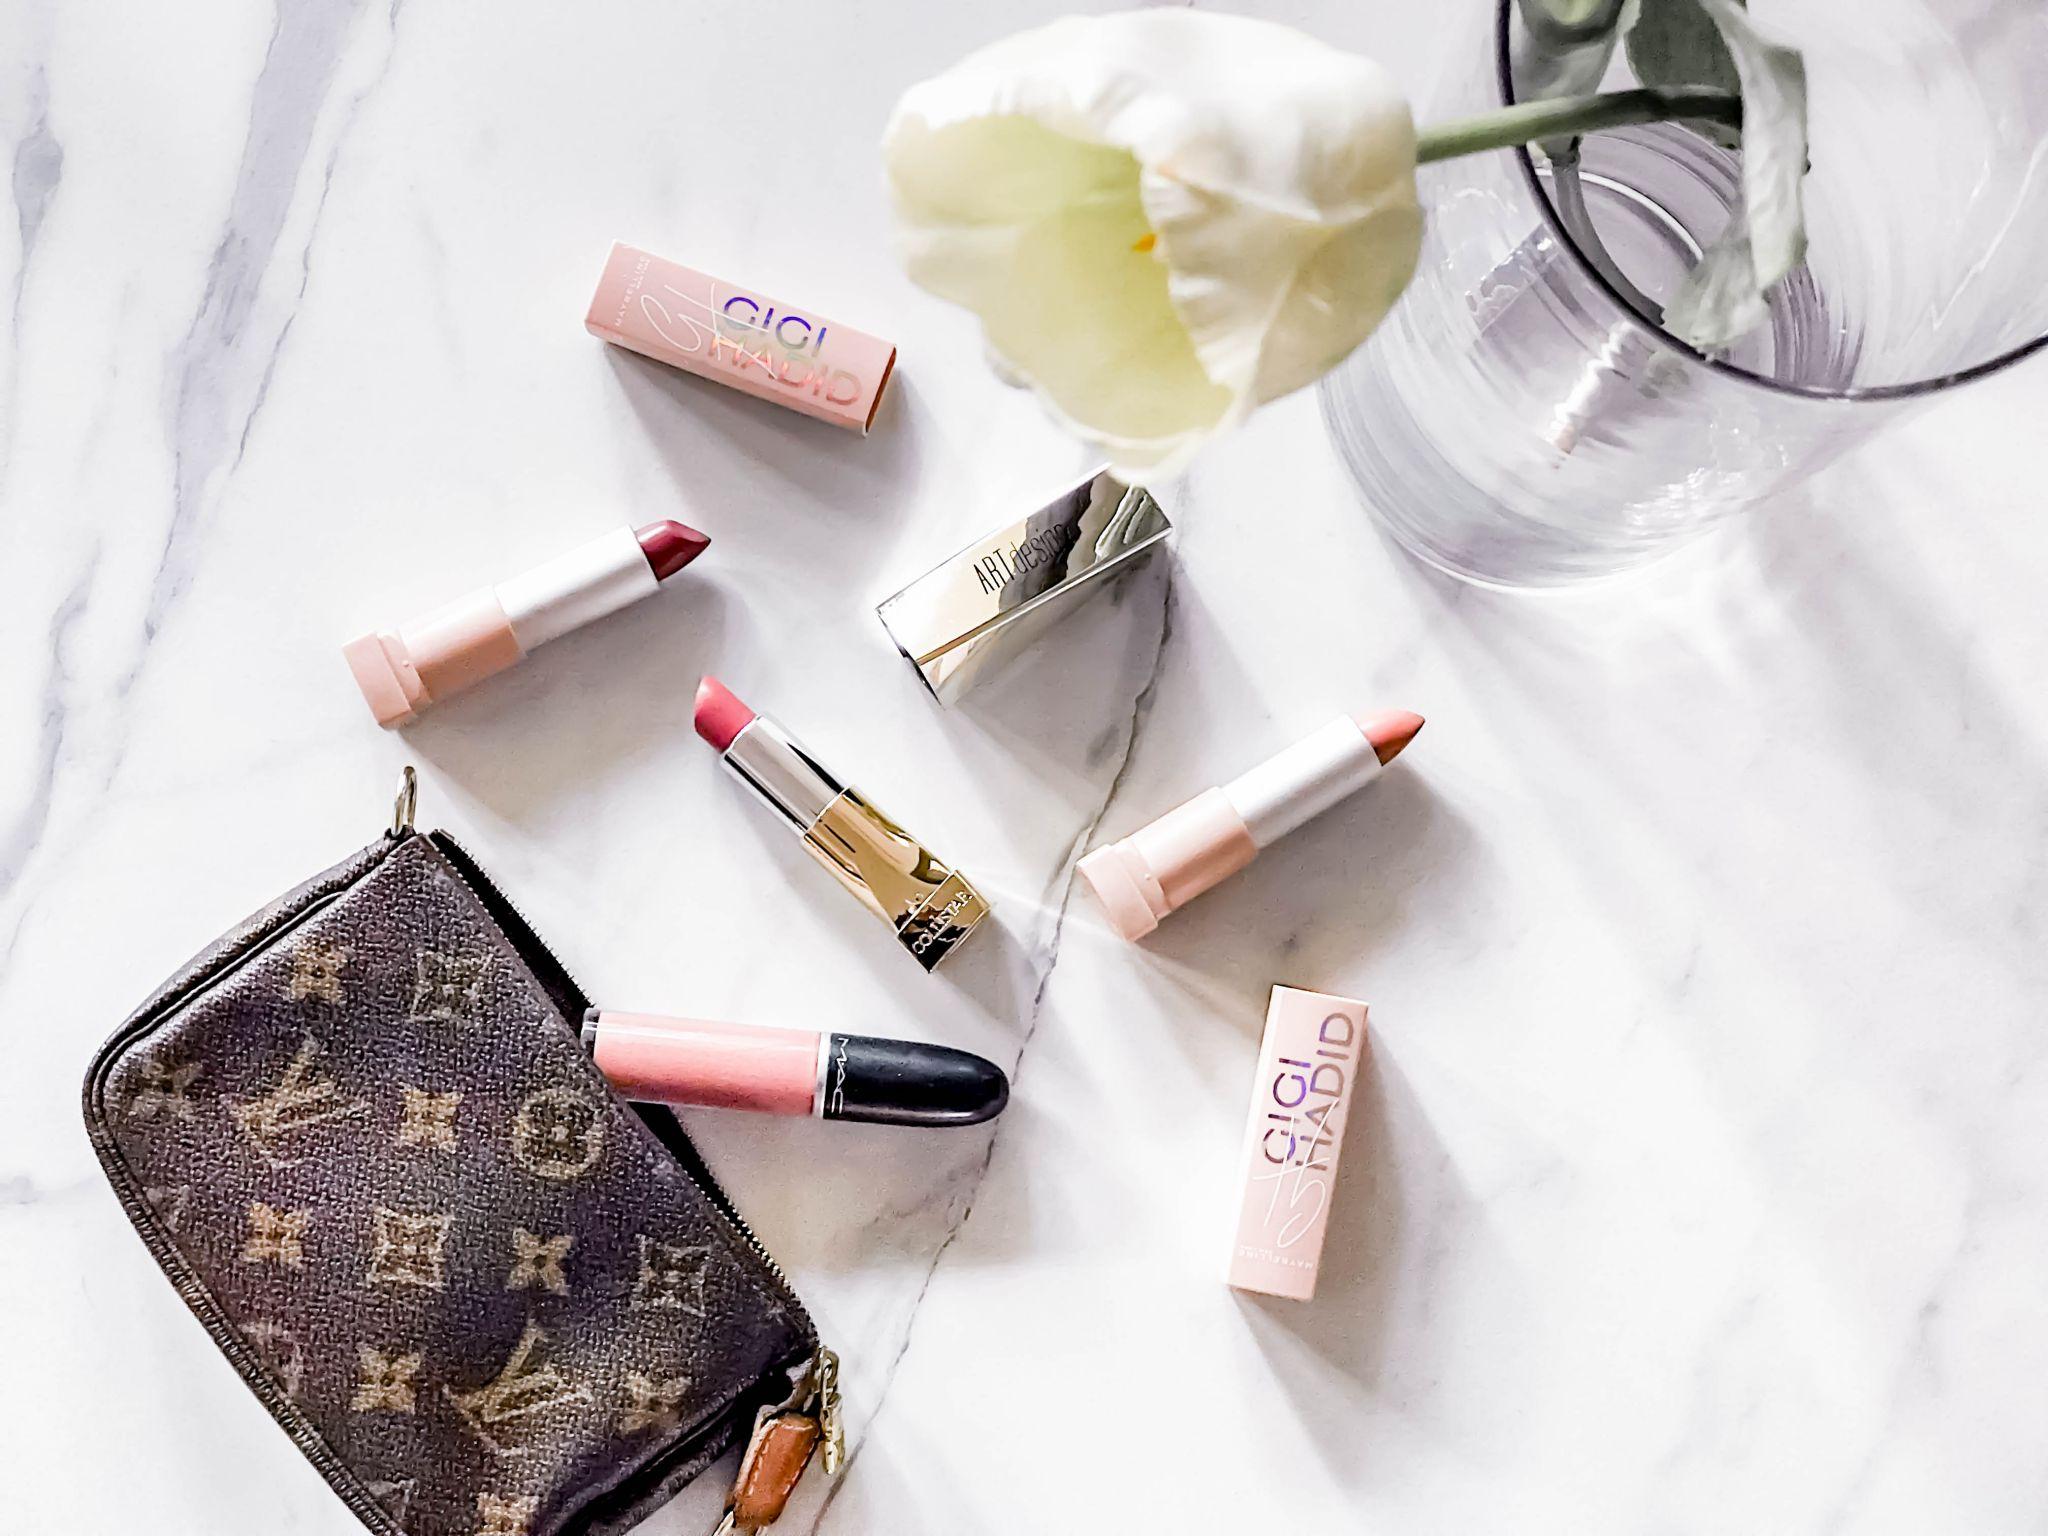 Mat lipsticks